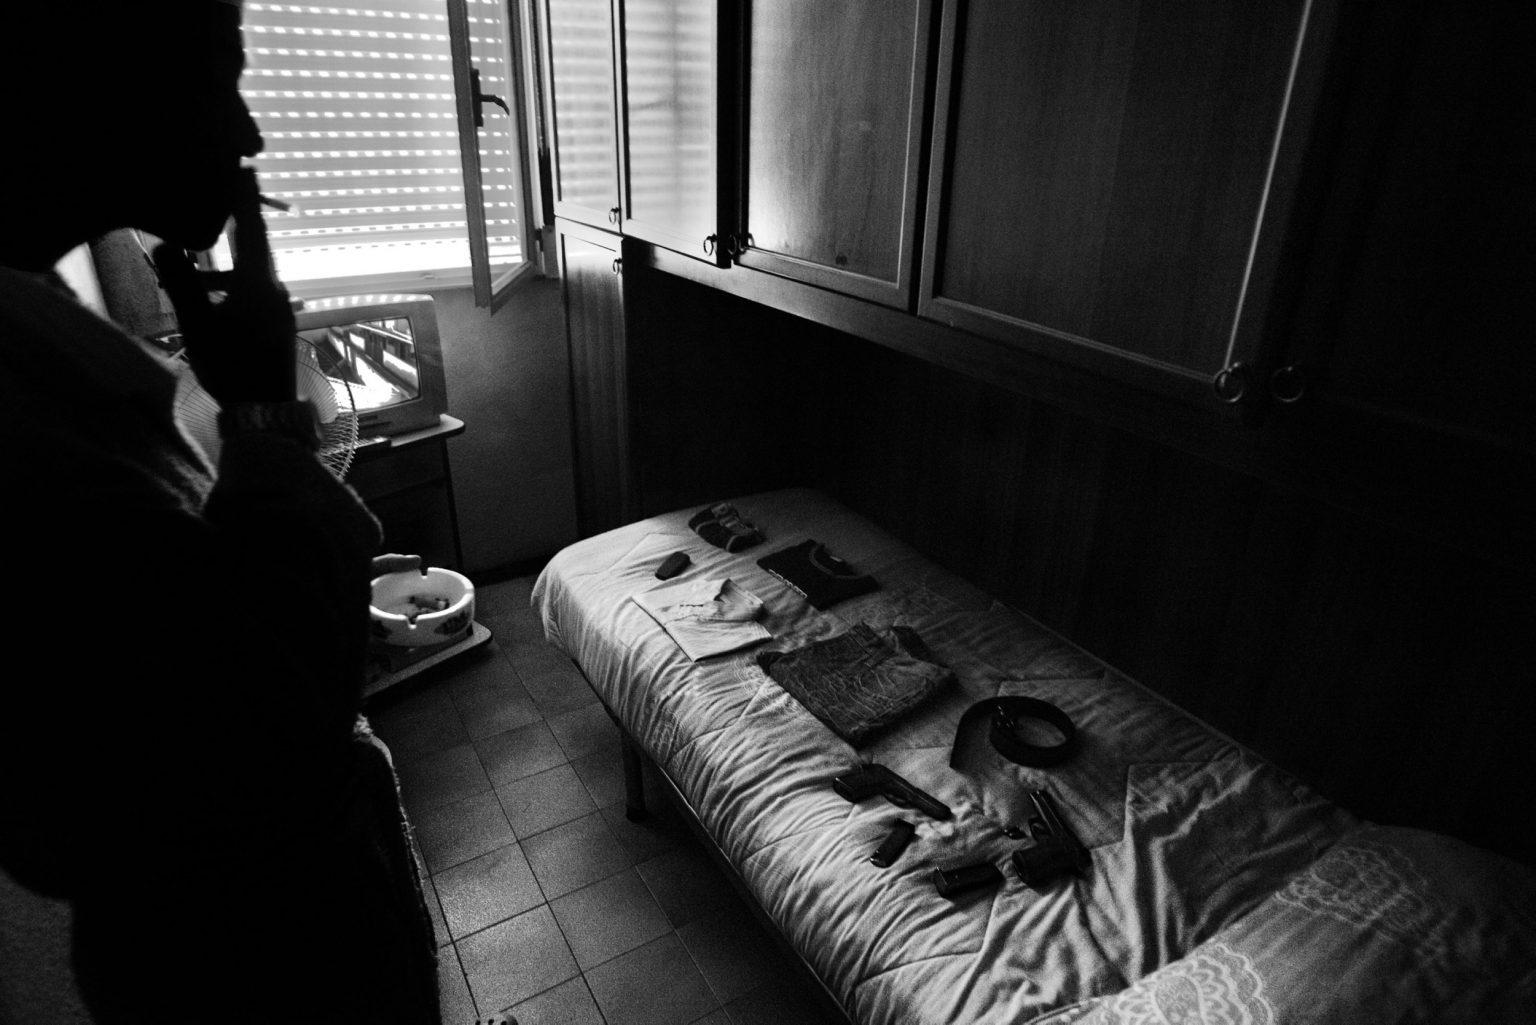 A drug dealer smoking in his room after a shower. Scampia neighborhood. Naples, Italy, 2008   Italia -Napoli, 16/12/2008 - Quartiere Scampia, uno spacciatore che fuma nella sua stanza dopo la doccia.